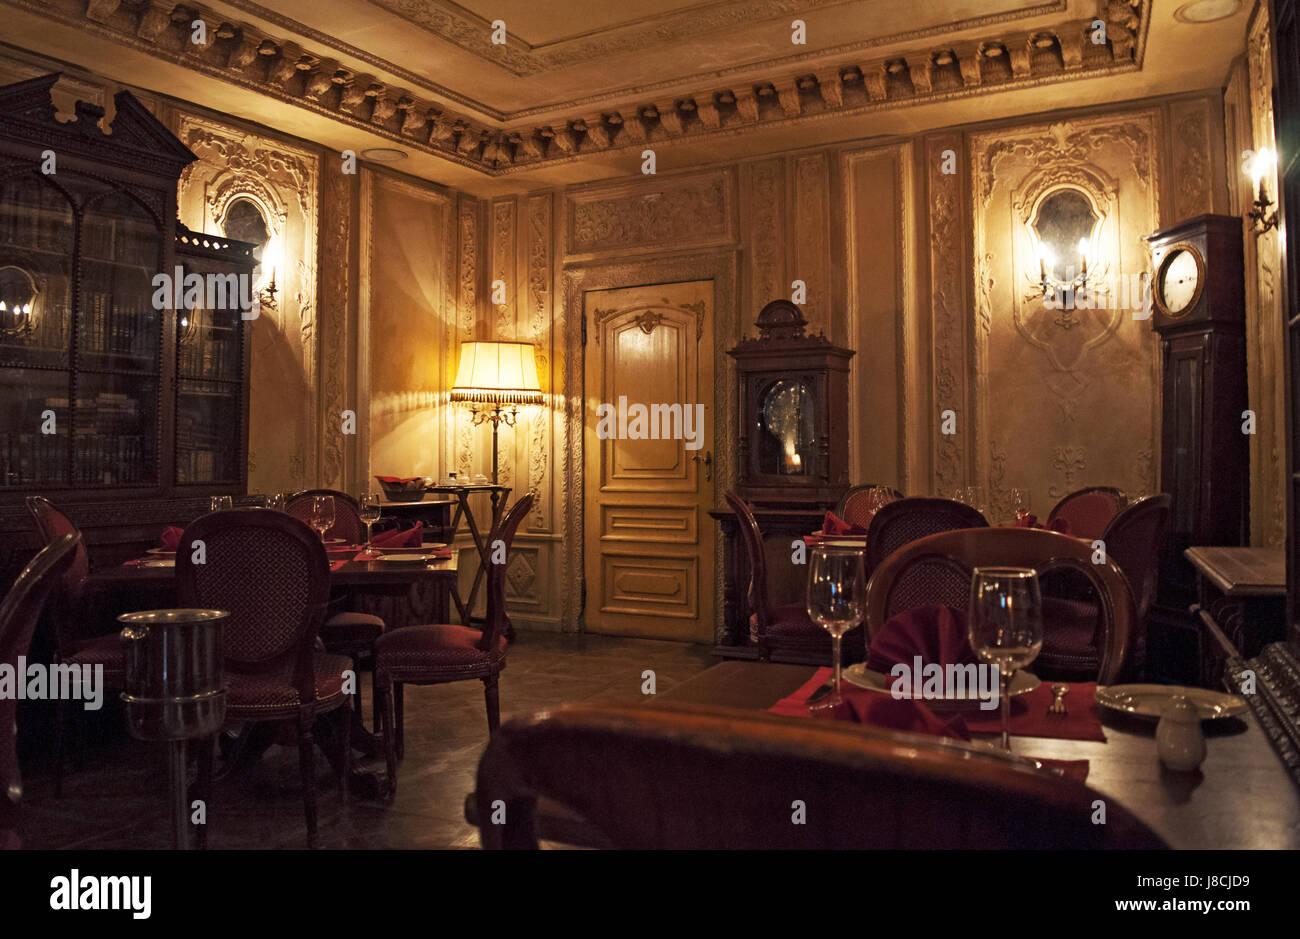 Moskau: das Interieur des Cafe Pushkin, ein berühmtes Restaurant und ...